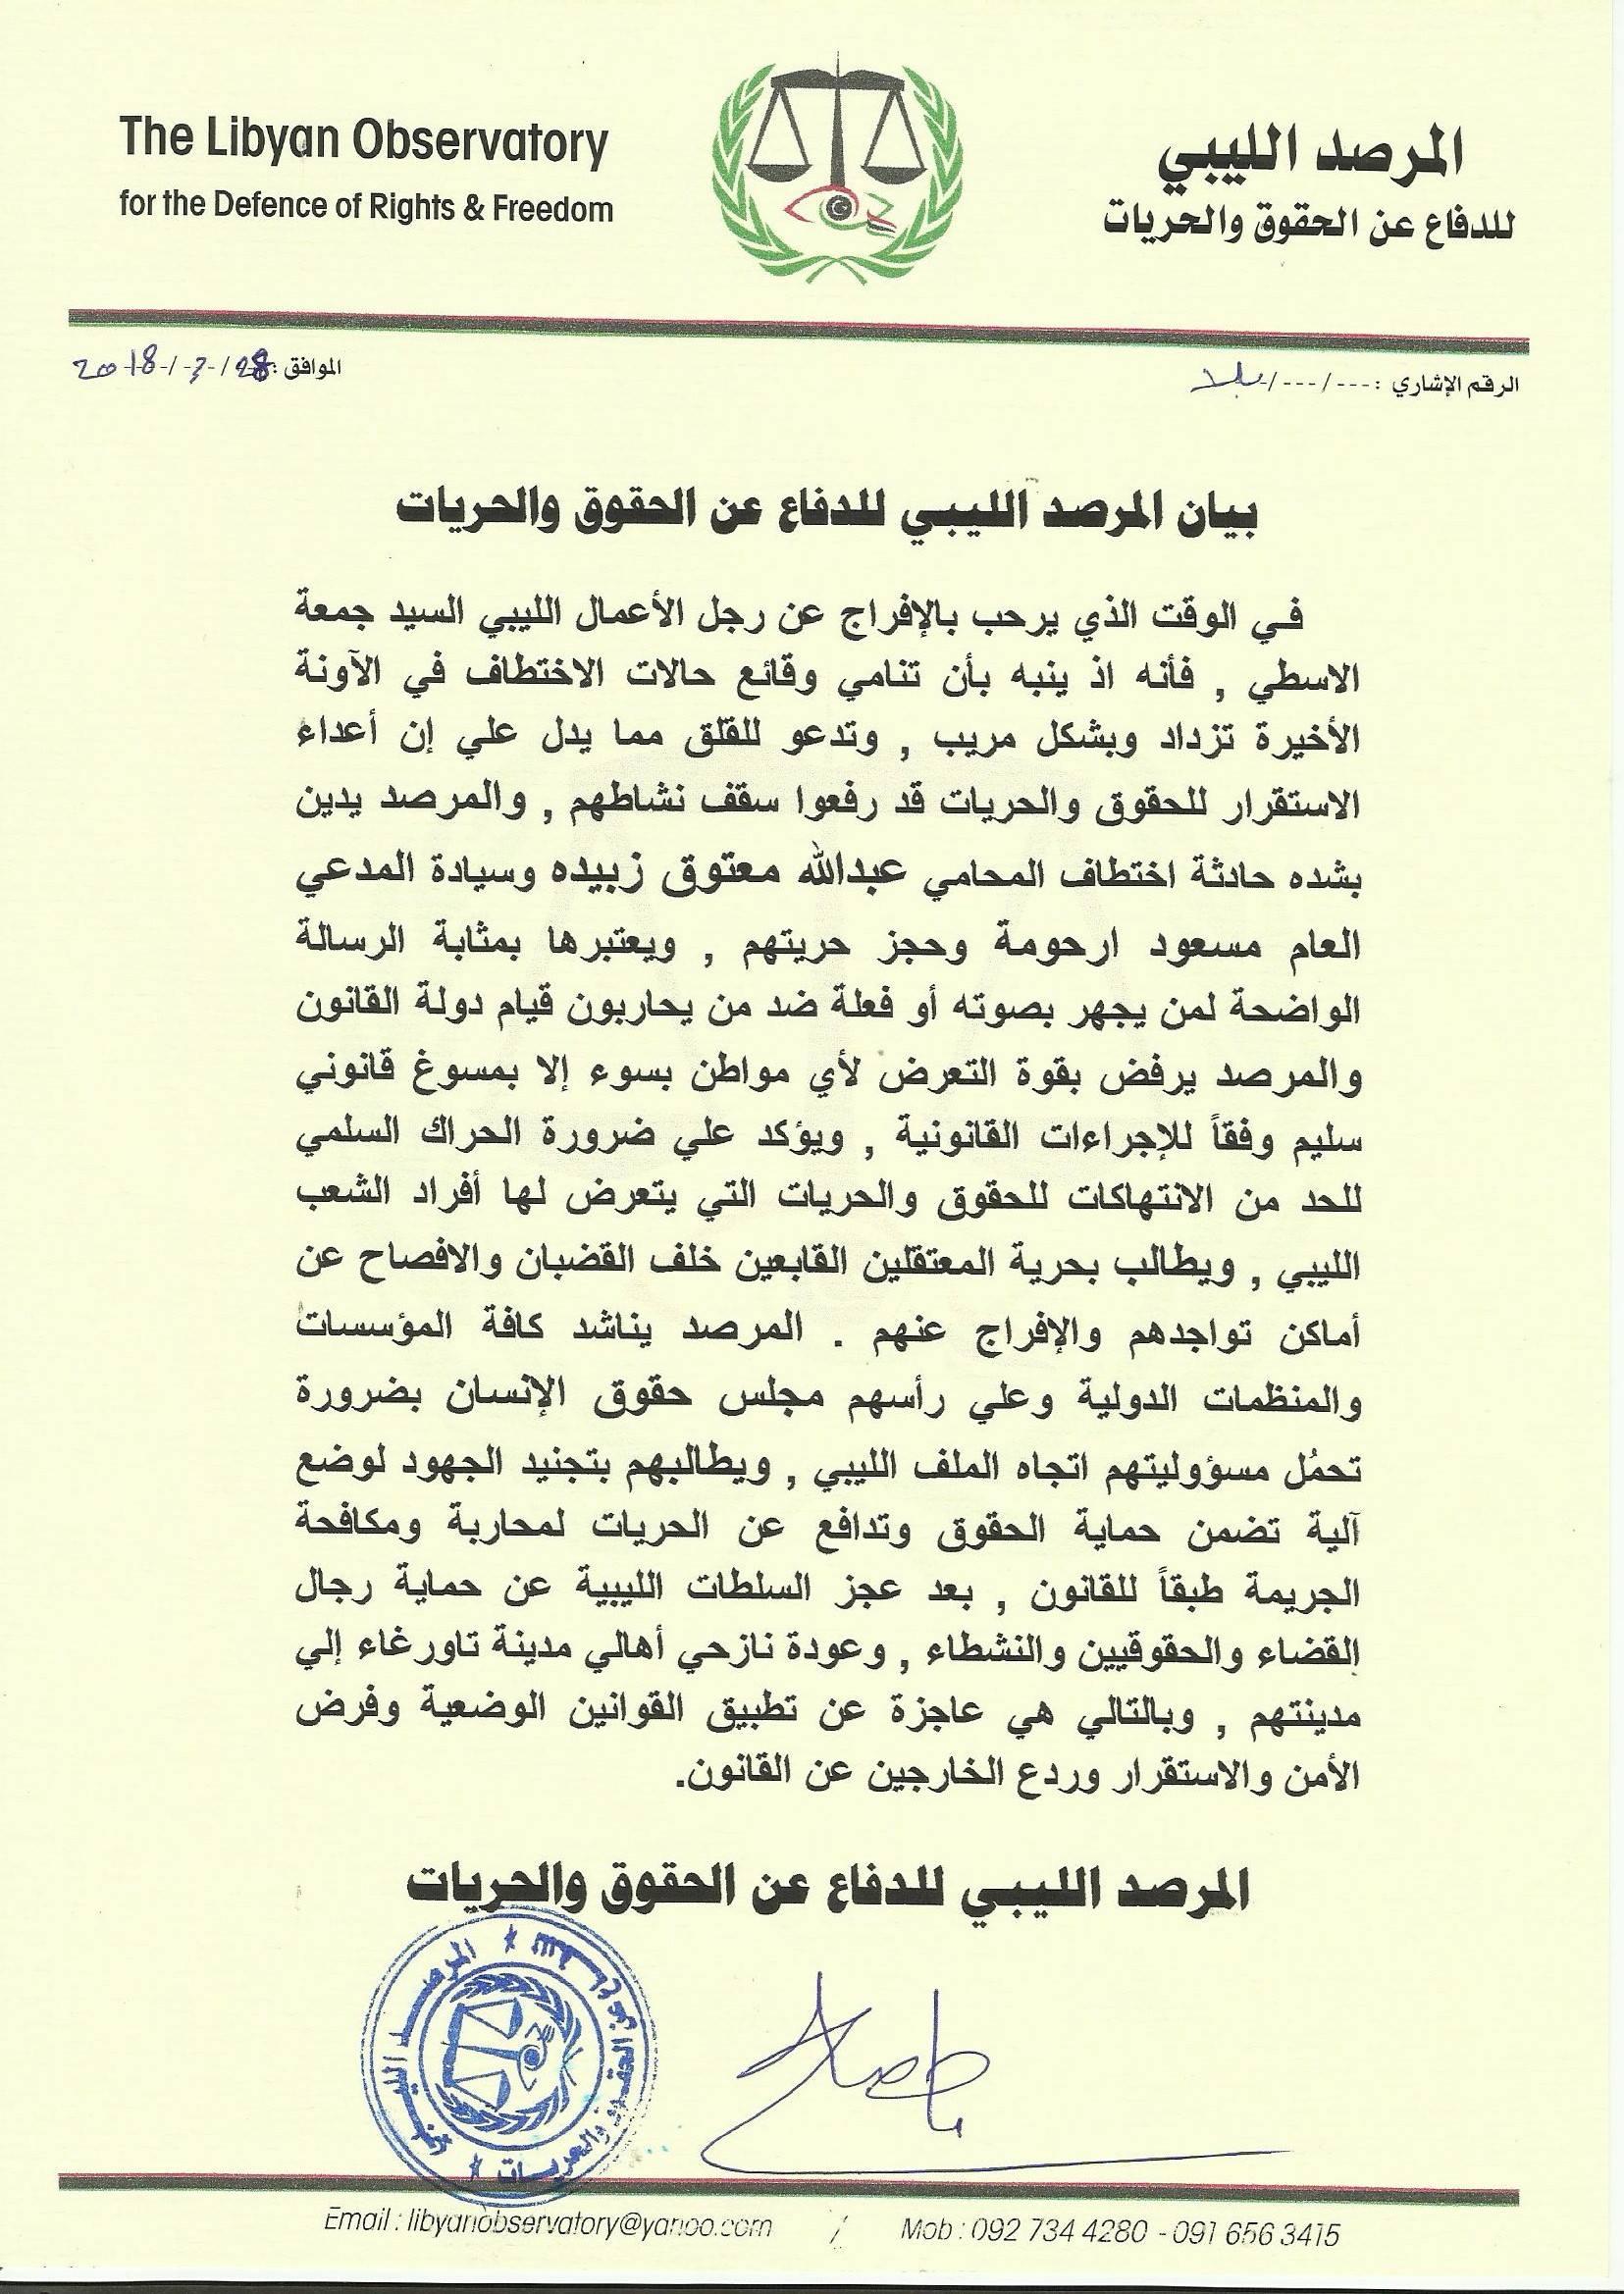 بيان المرصد الليبي للدفاع عن الحقوق والحريات